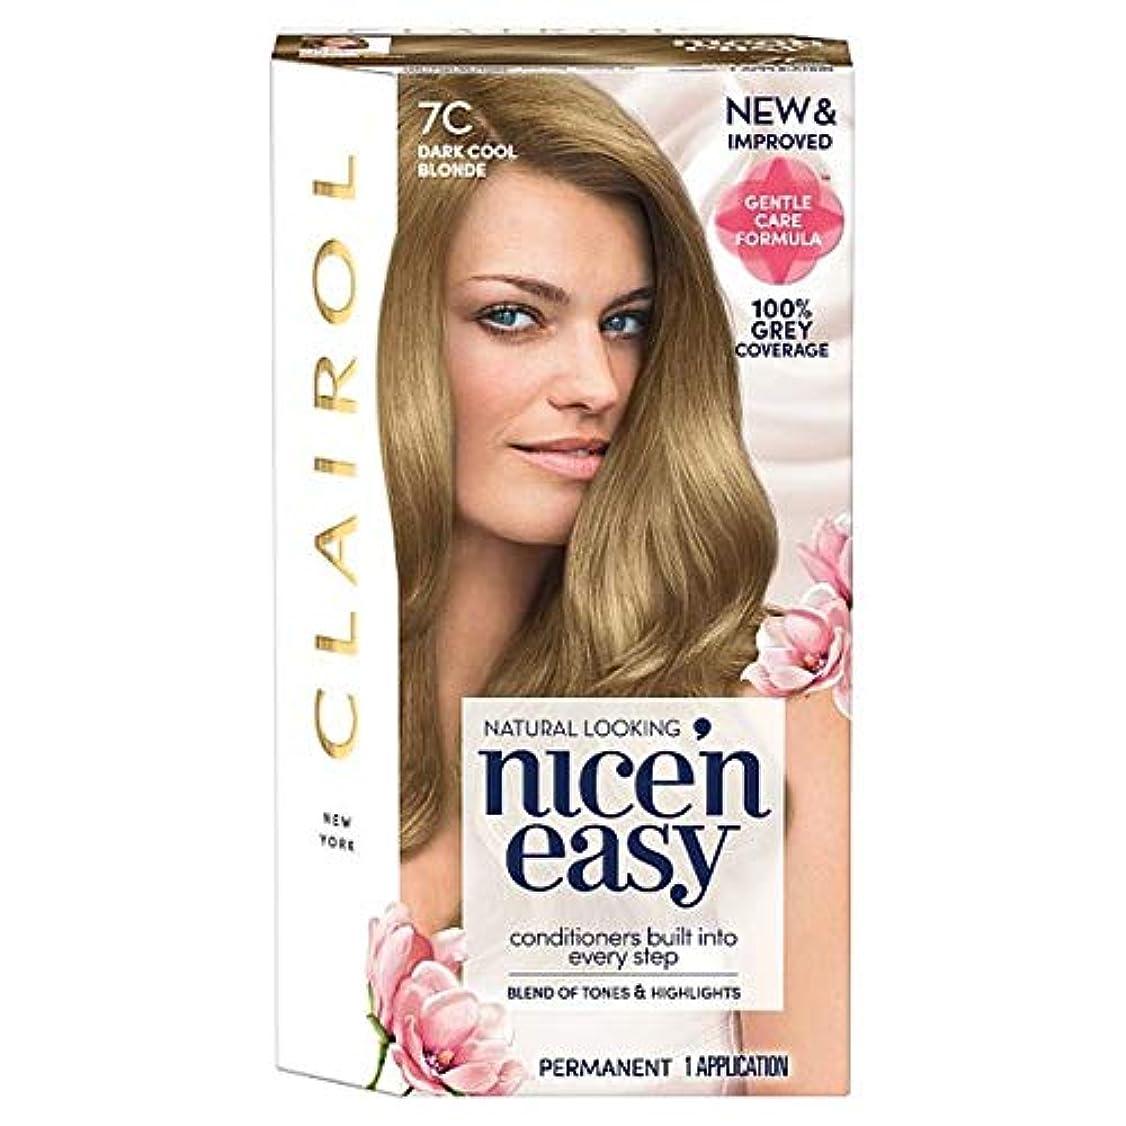 正確さシュガー地下鉄[Nice'n Easy] クレイロール素敵な「N簡単ダーククールなブロンド7Cの染毛剤 - Clairol Nice 'N Easy Dark Cool Blonde 7C Hair Dye [並行輸入品]